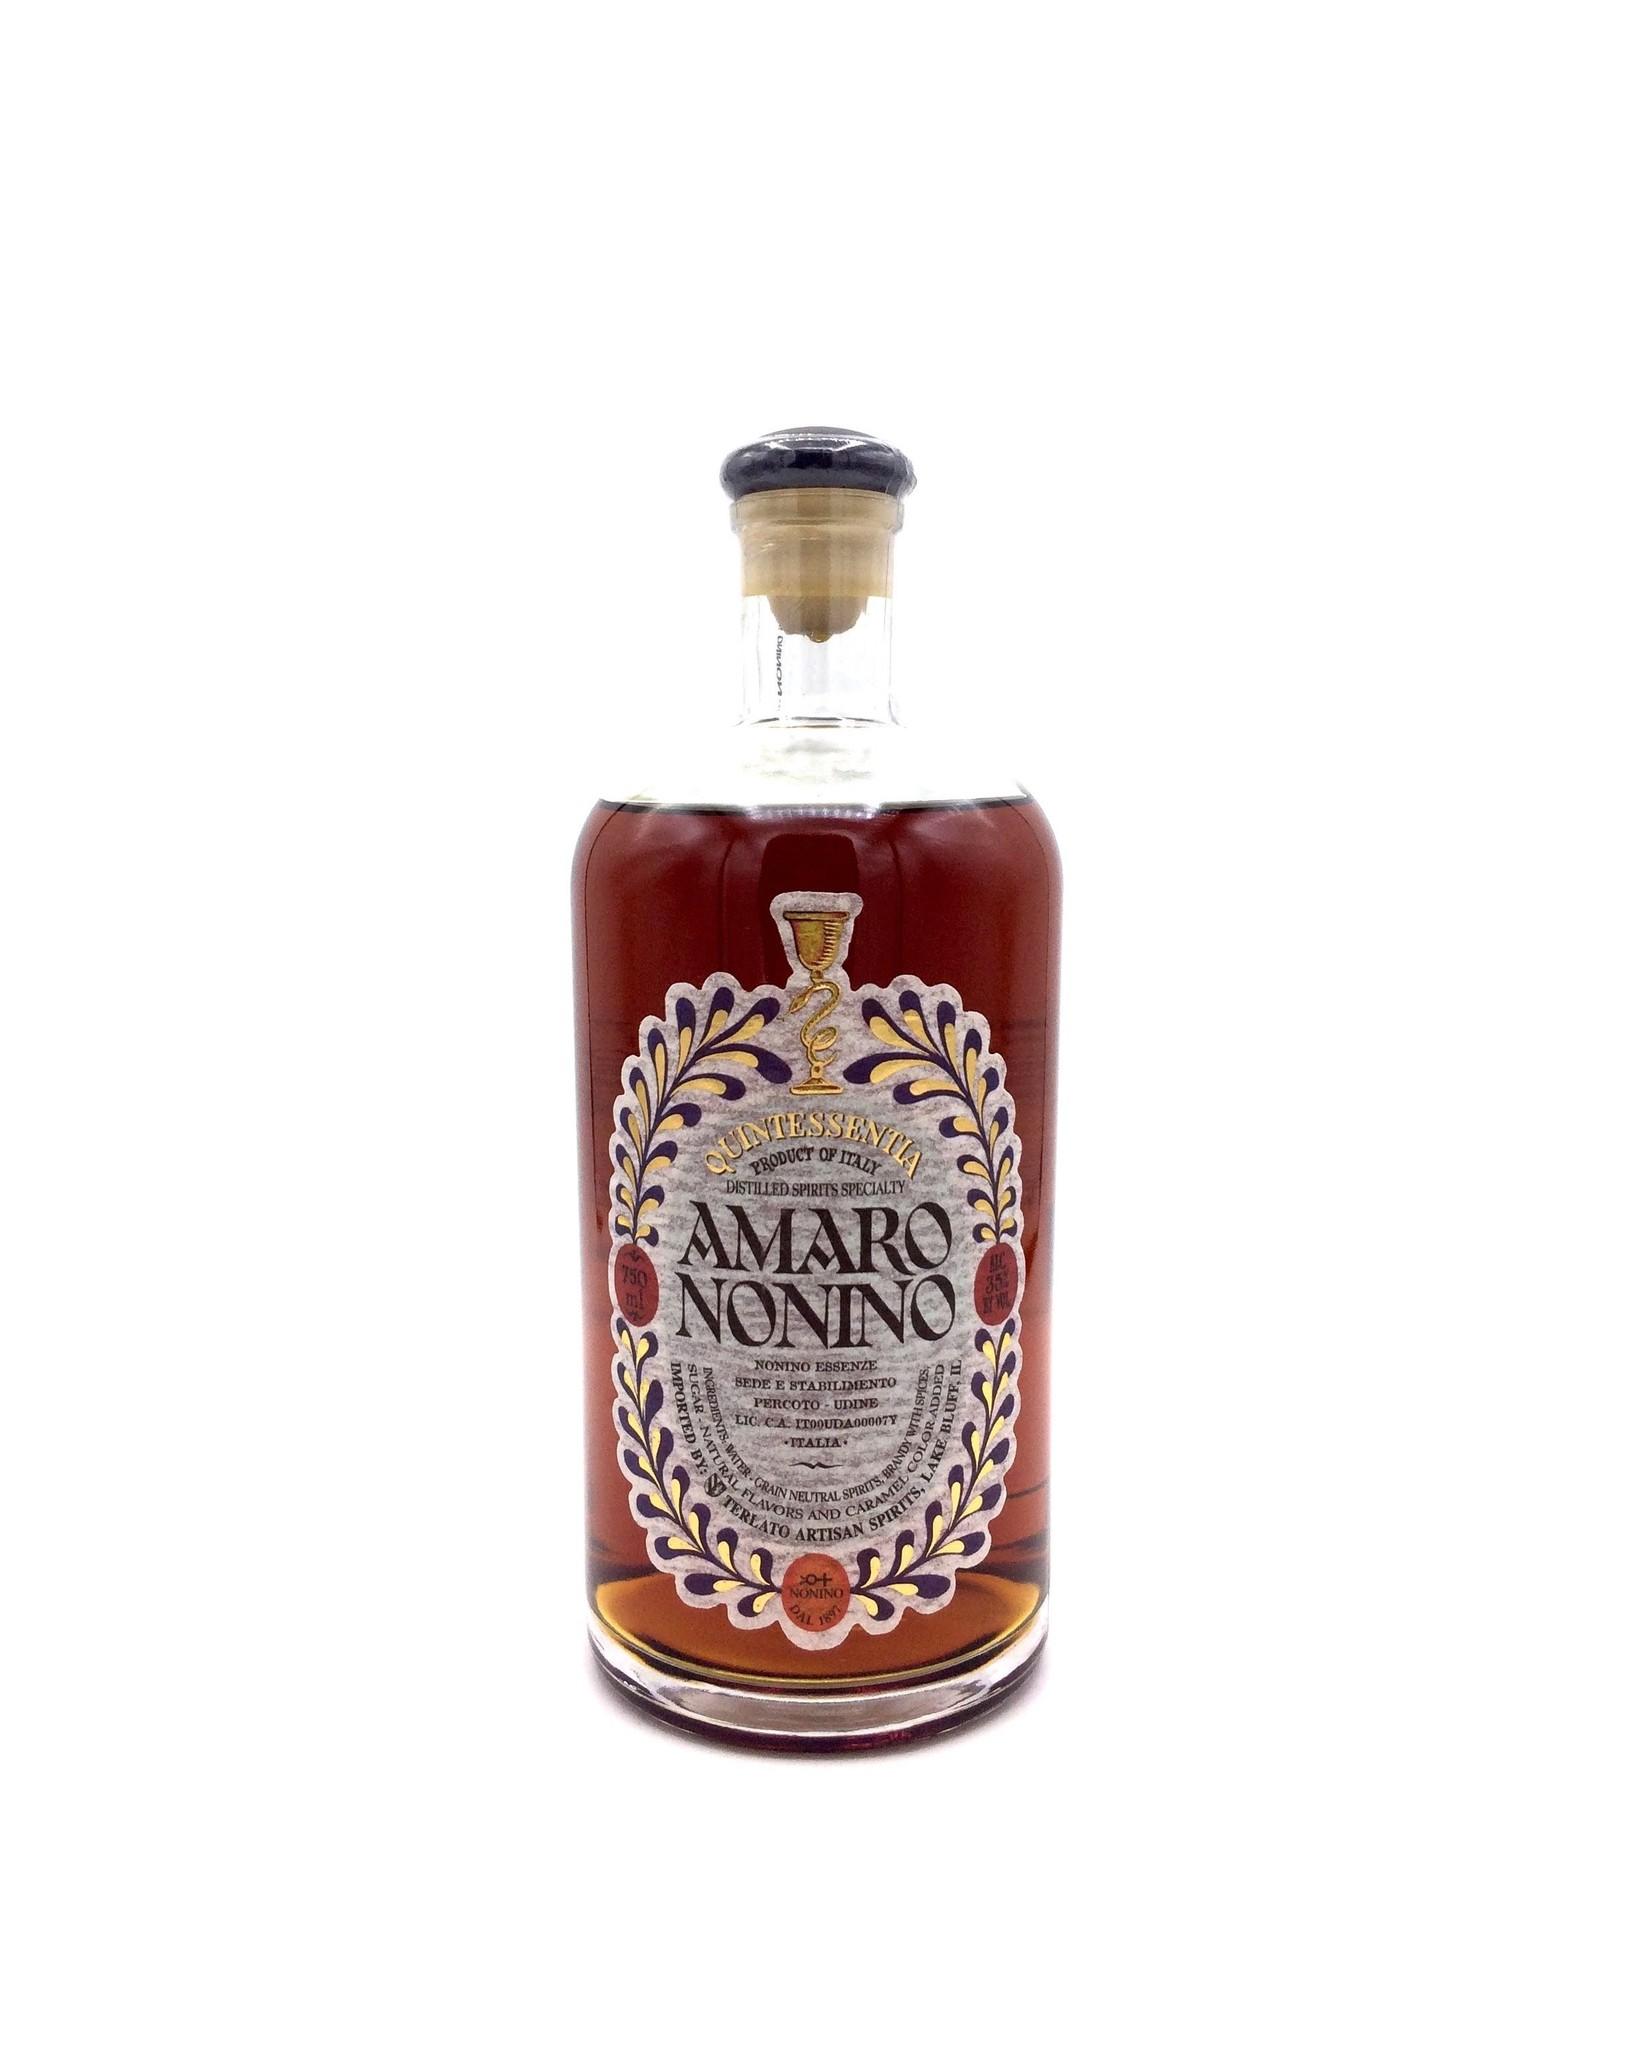 Quintessentia Amaro 750mL Nonino